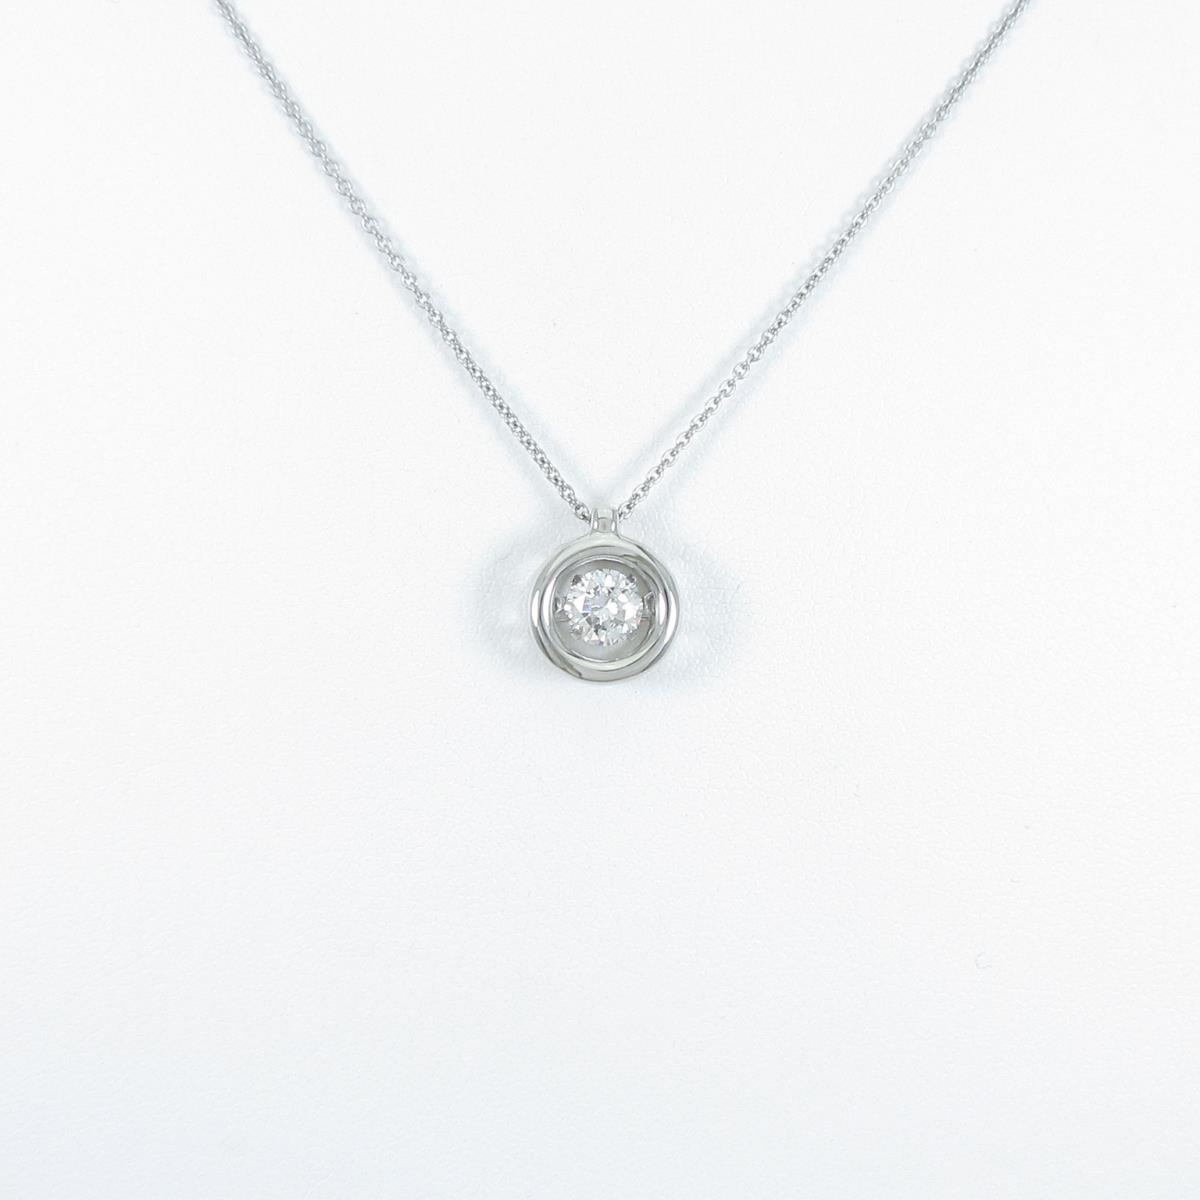 【リメイク】プラチナダイヤモンドネックレス 0.335ct・G・SI1・VG【中古】